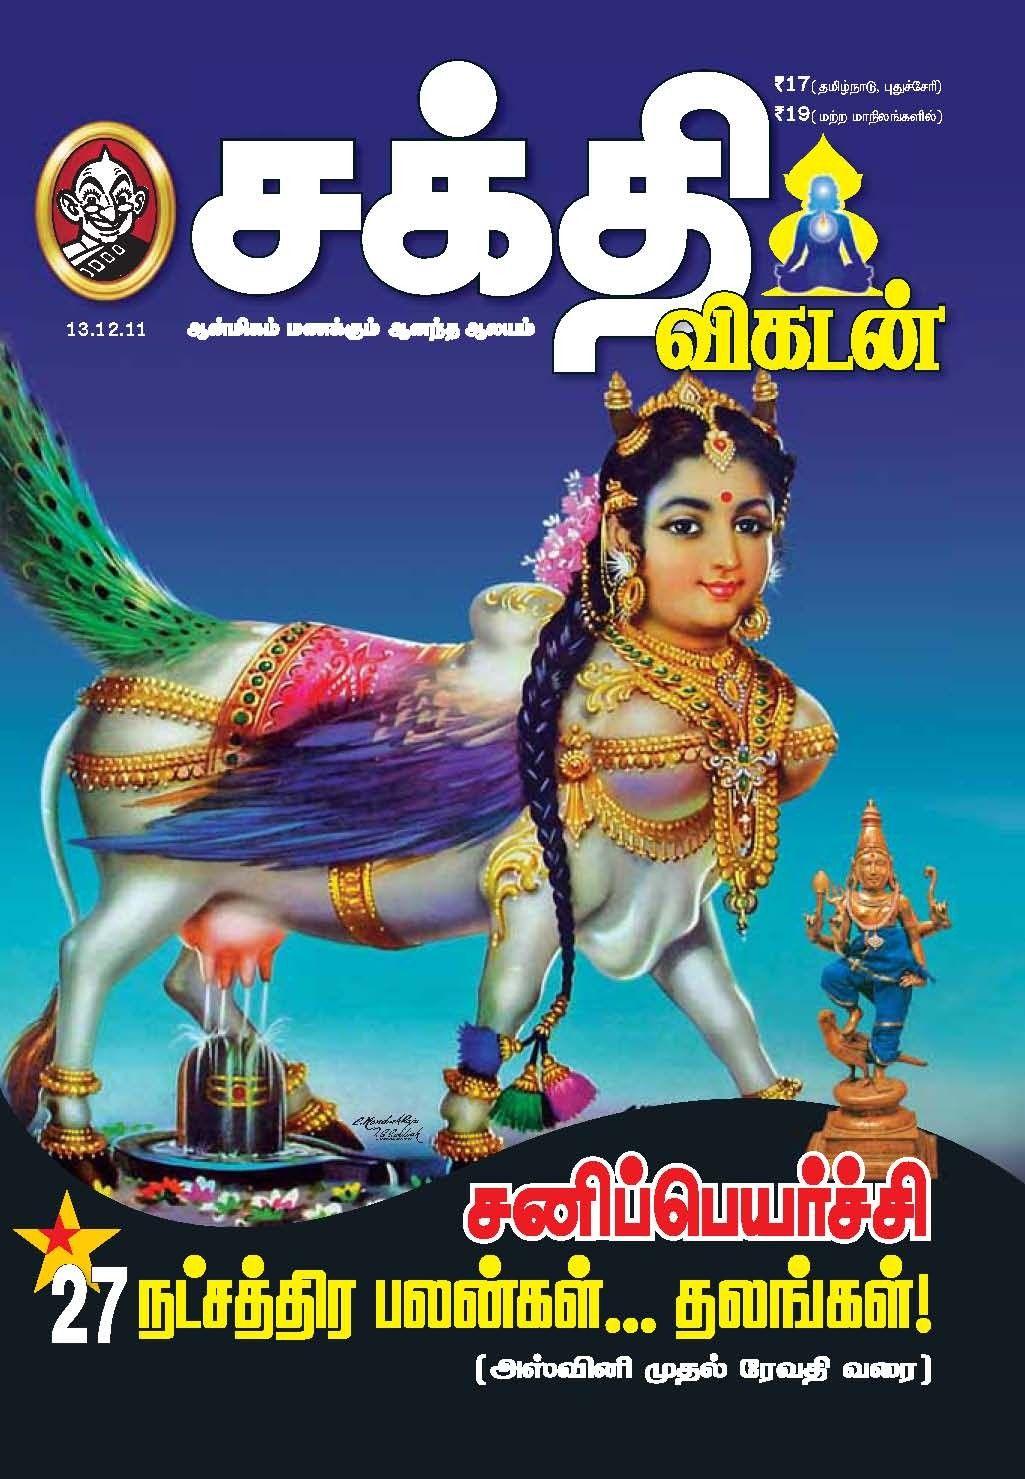 Sakthi Vikatan Tamil Magazine Buy, Subscribe, Download